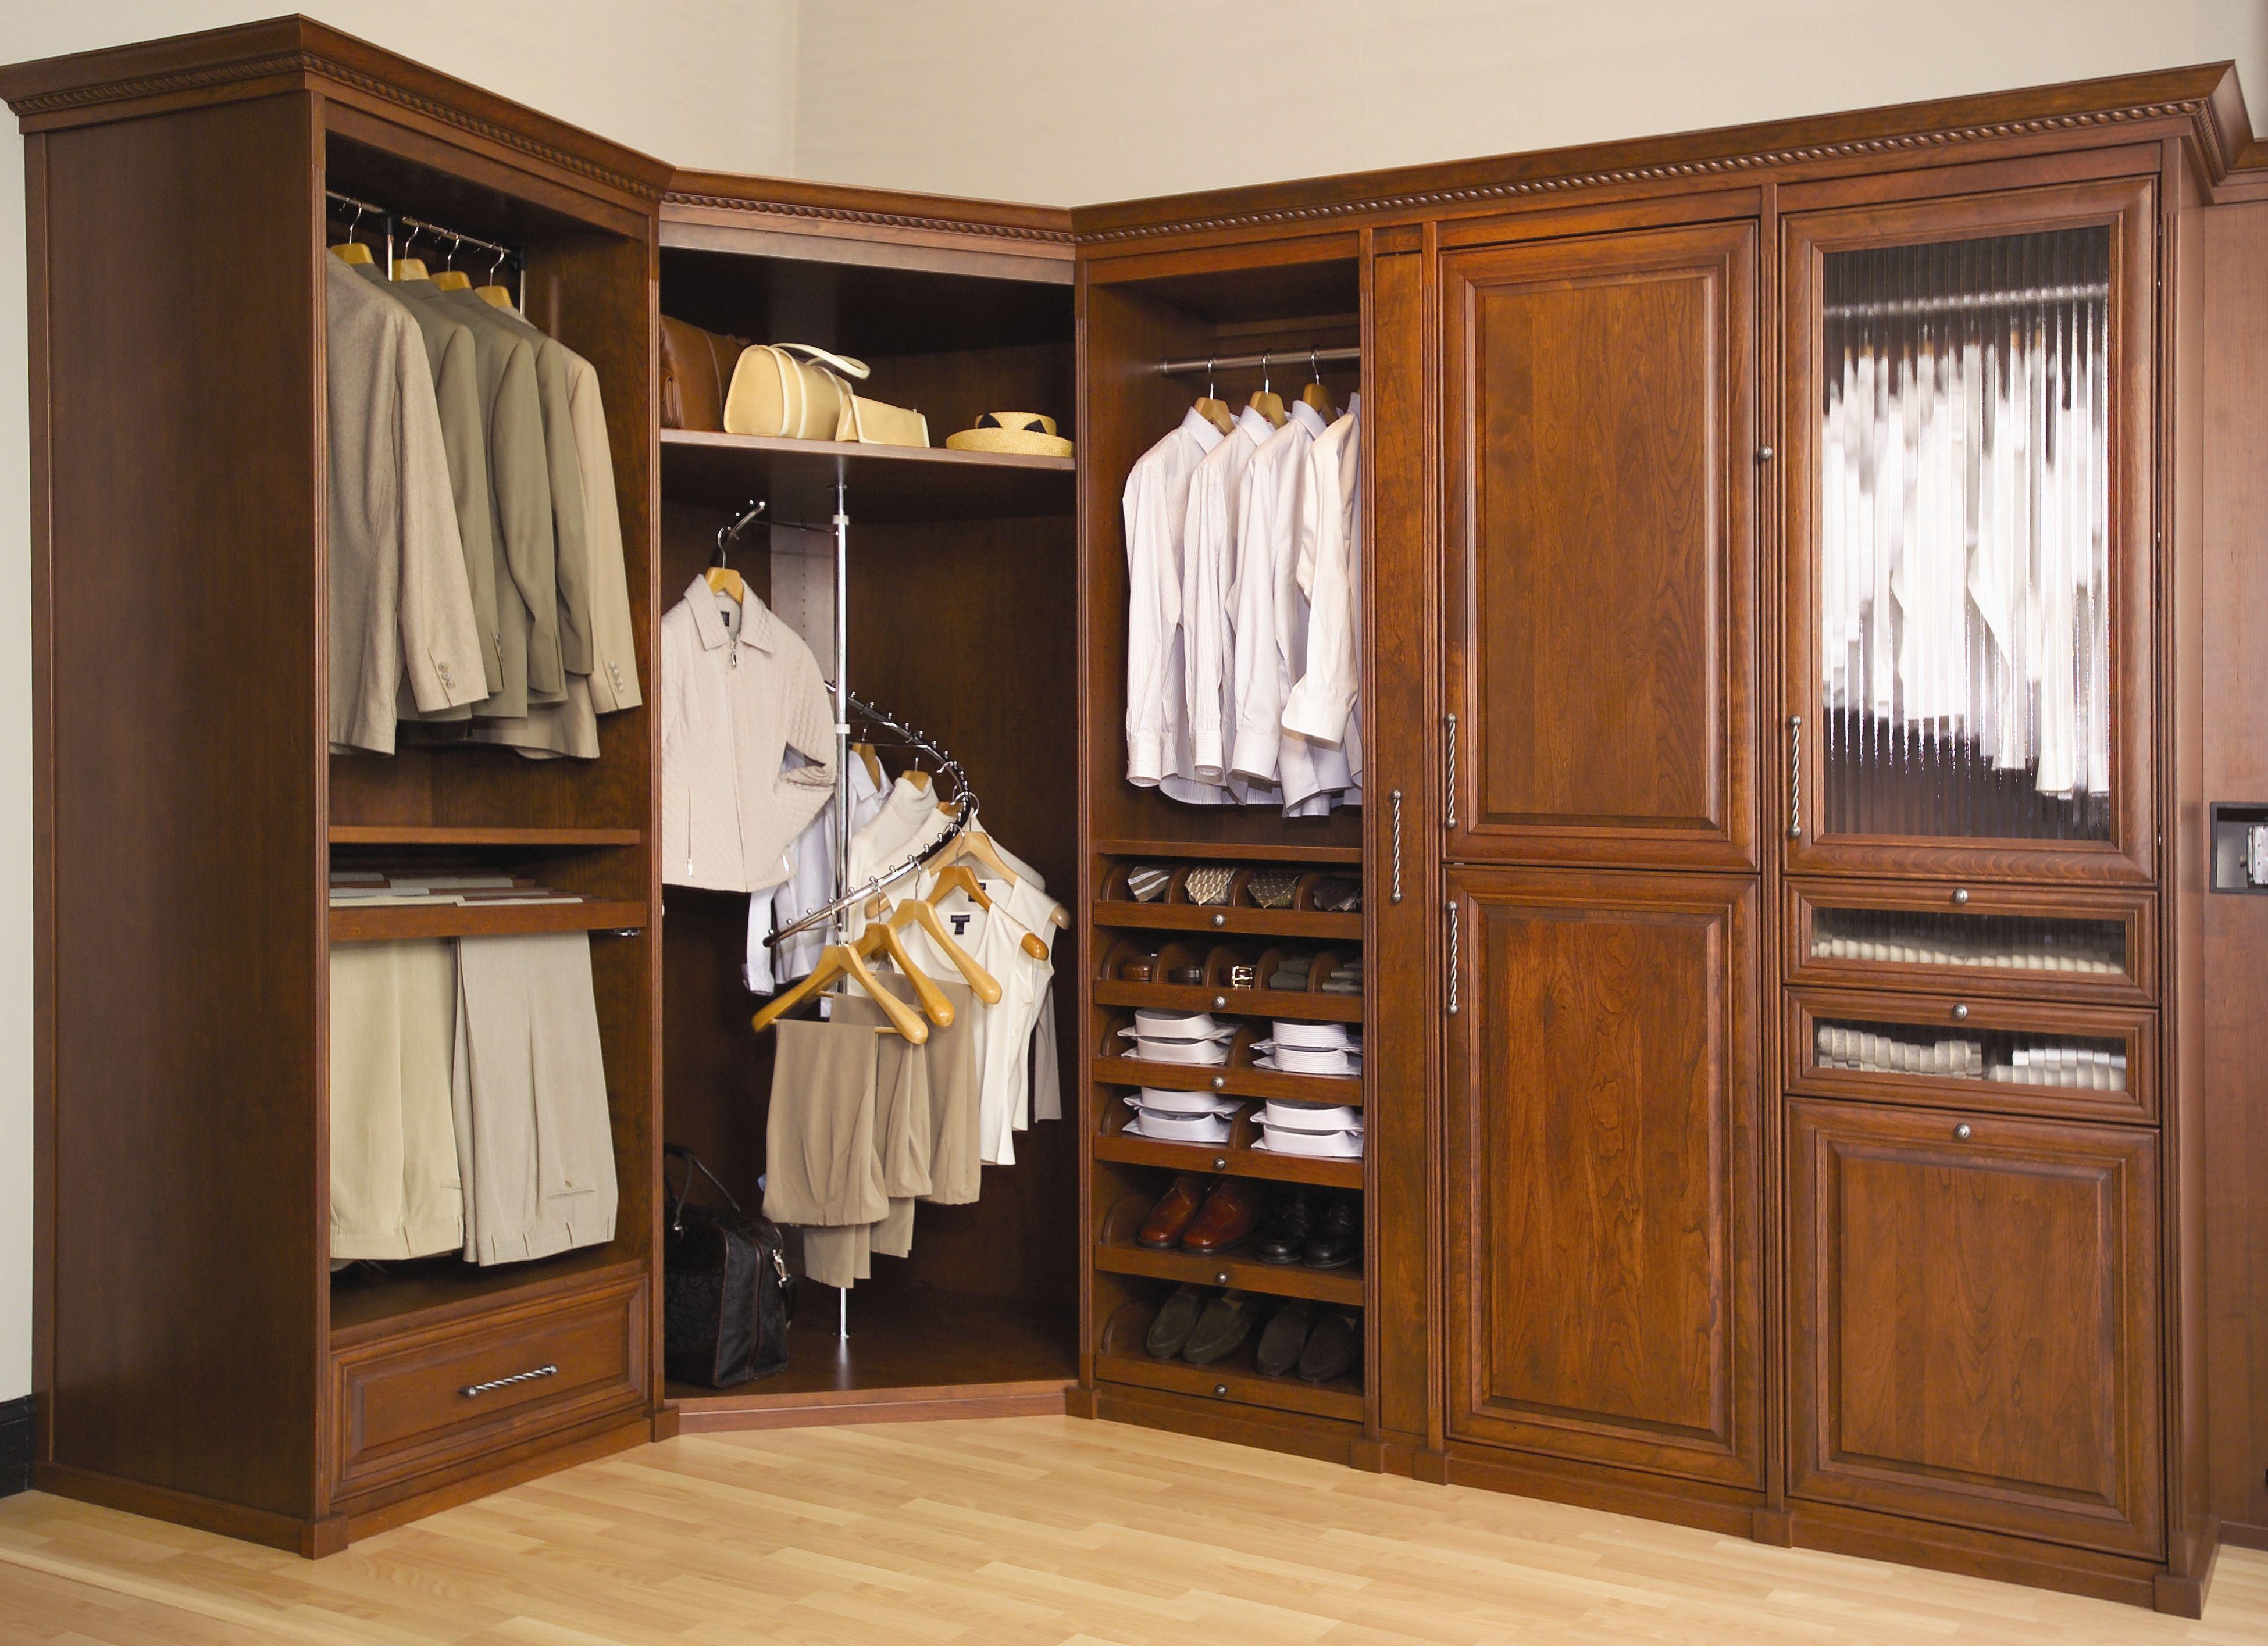 Superieur Capitol Closet Design 703 827 2700 Larry@capitolclosets.com 1934 Old  Gallows Rd Vienna, VA 22182 Www.capitolclosets.com